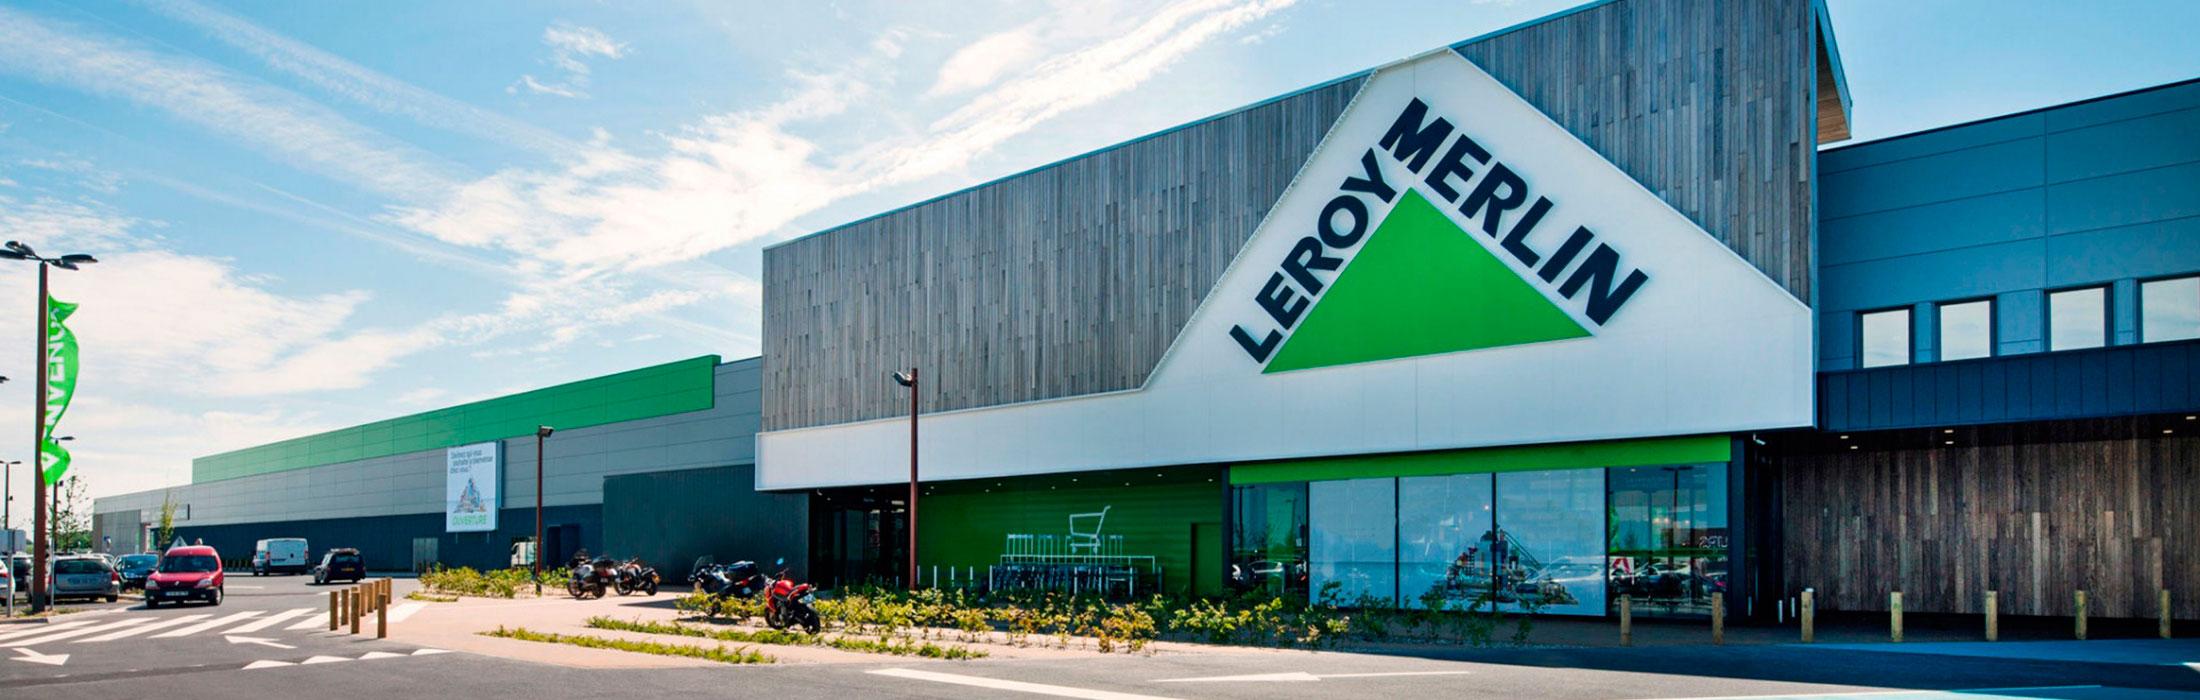 Как стать поставщиком LEROY MERLIN, сотрудничество с магазинами Леруа Мерлен